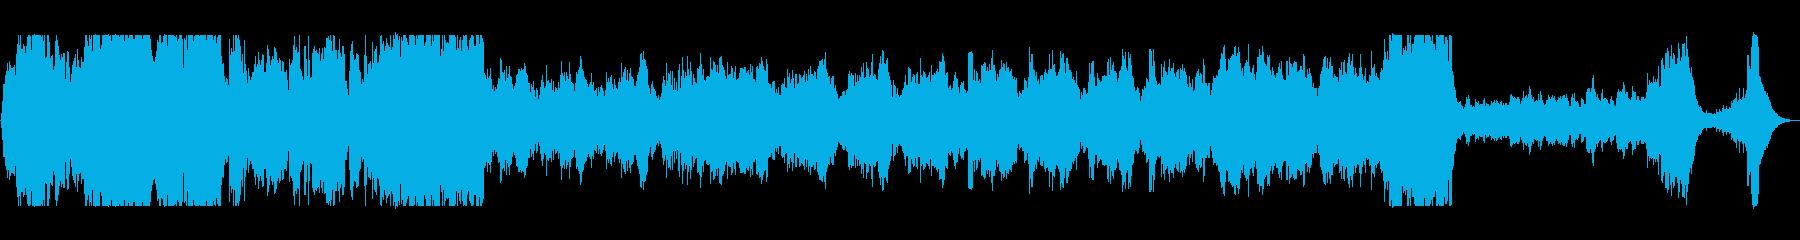 荘厳なオーケストラサウンドの再生済みの波形